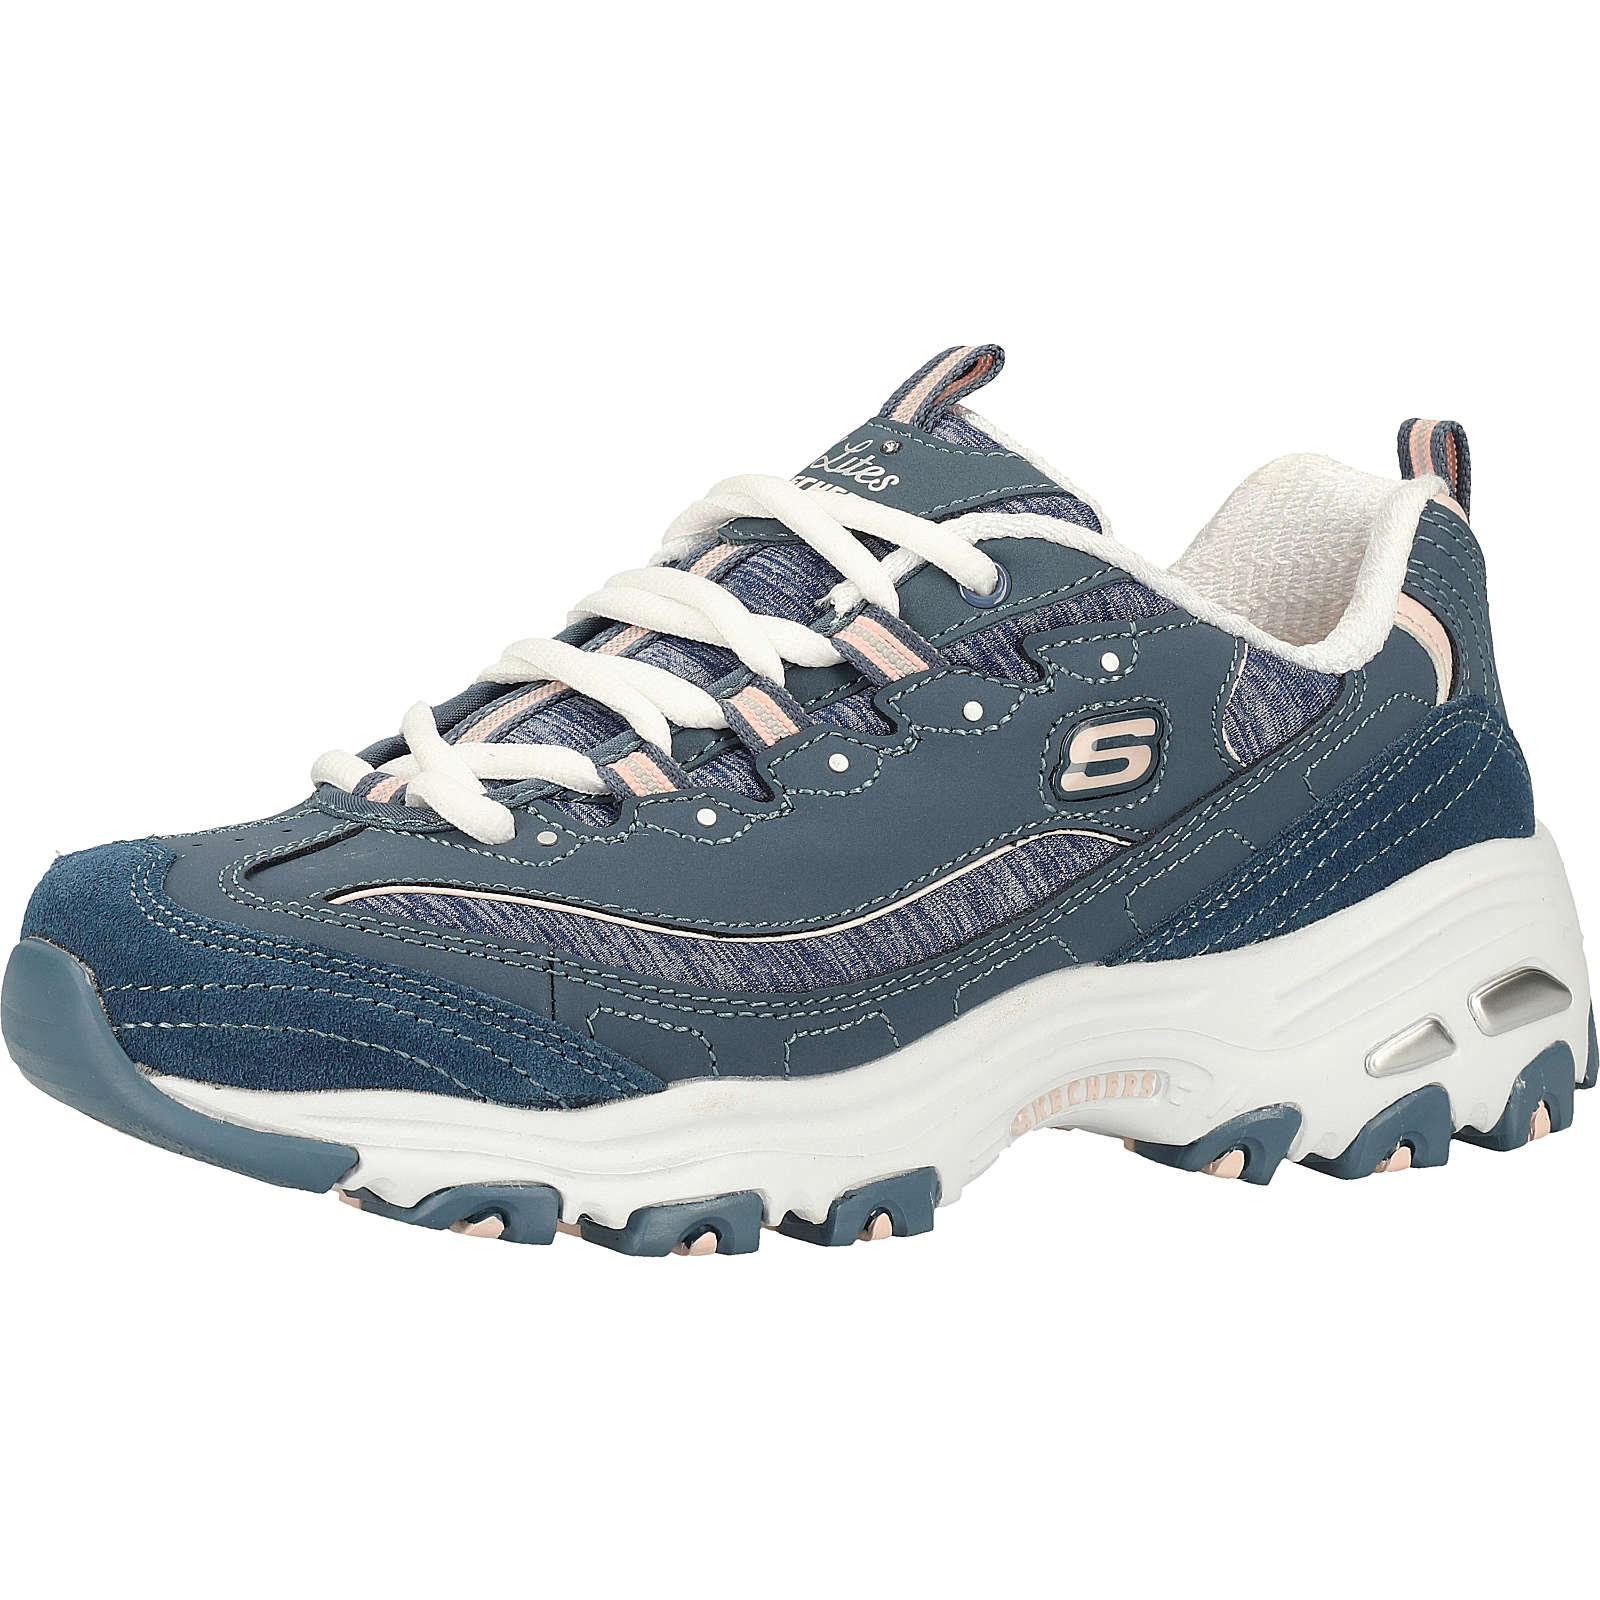 Skechers Sneaker Sneakers Low Blau Damen Gr. 37